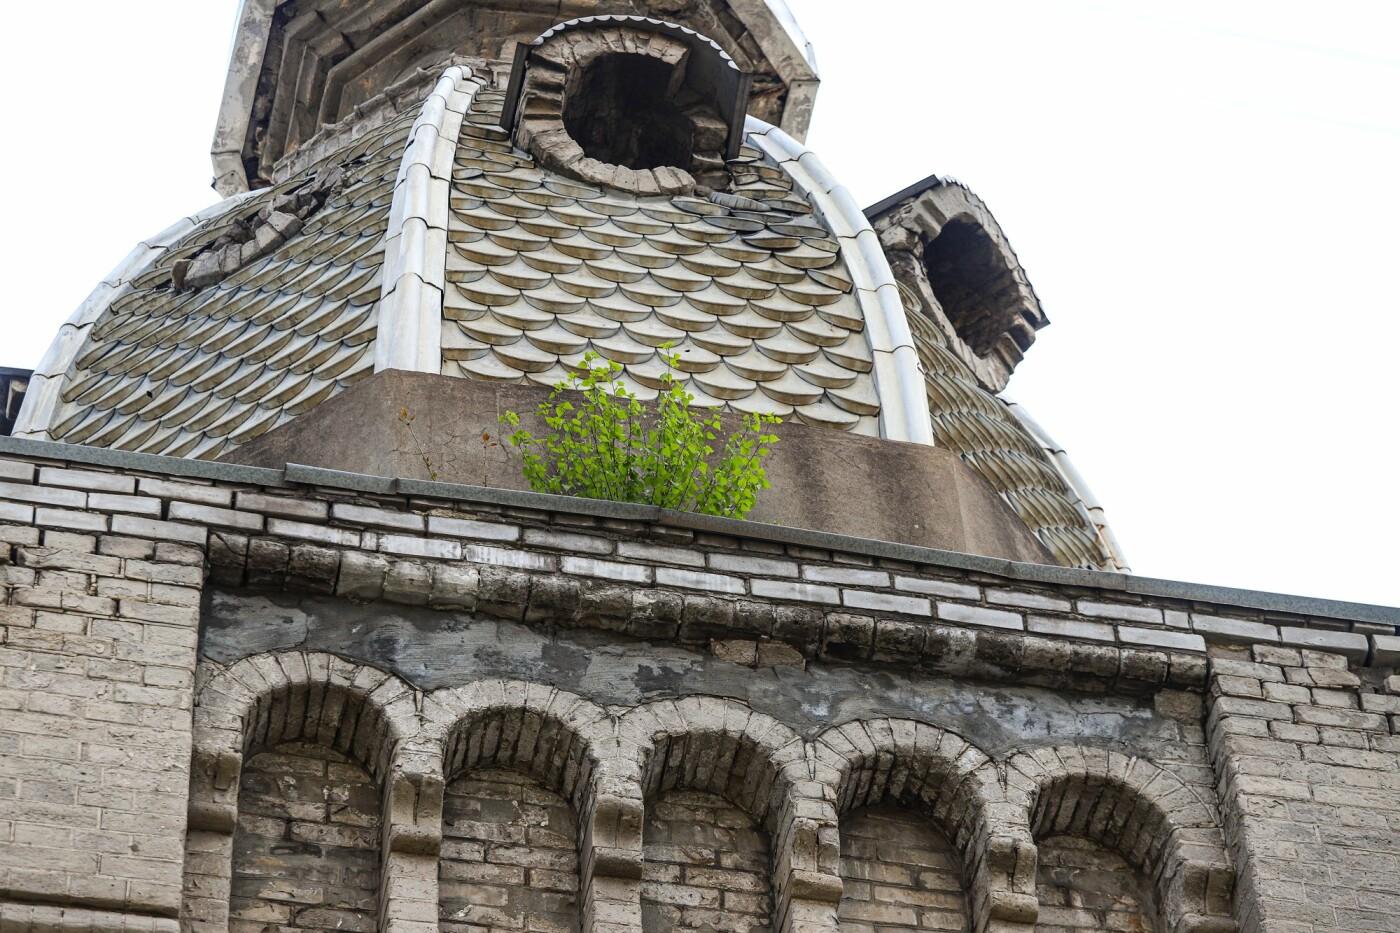 Памятники Старого Александровска: как сейчас выглядит здание первой в городе электростанции, - ФОТО, фото-16